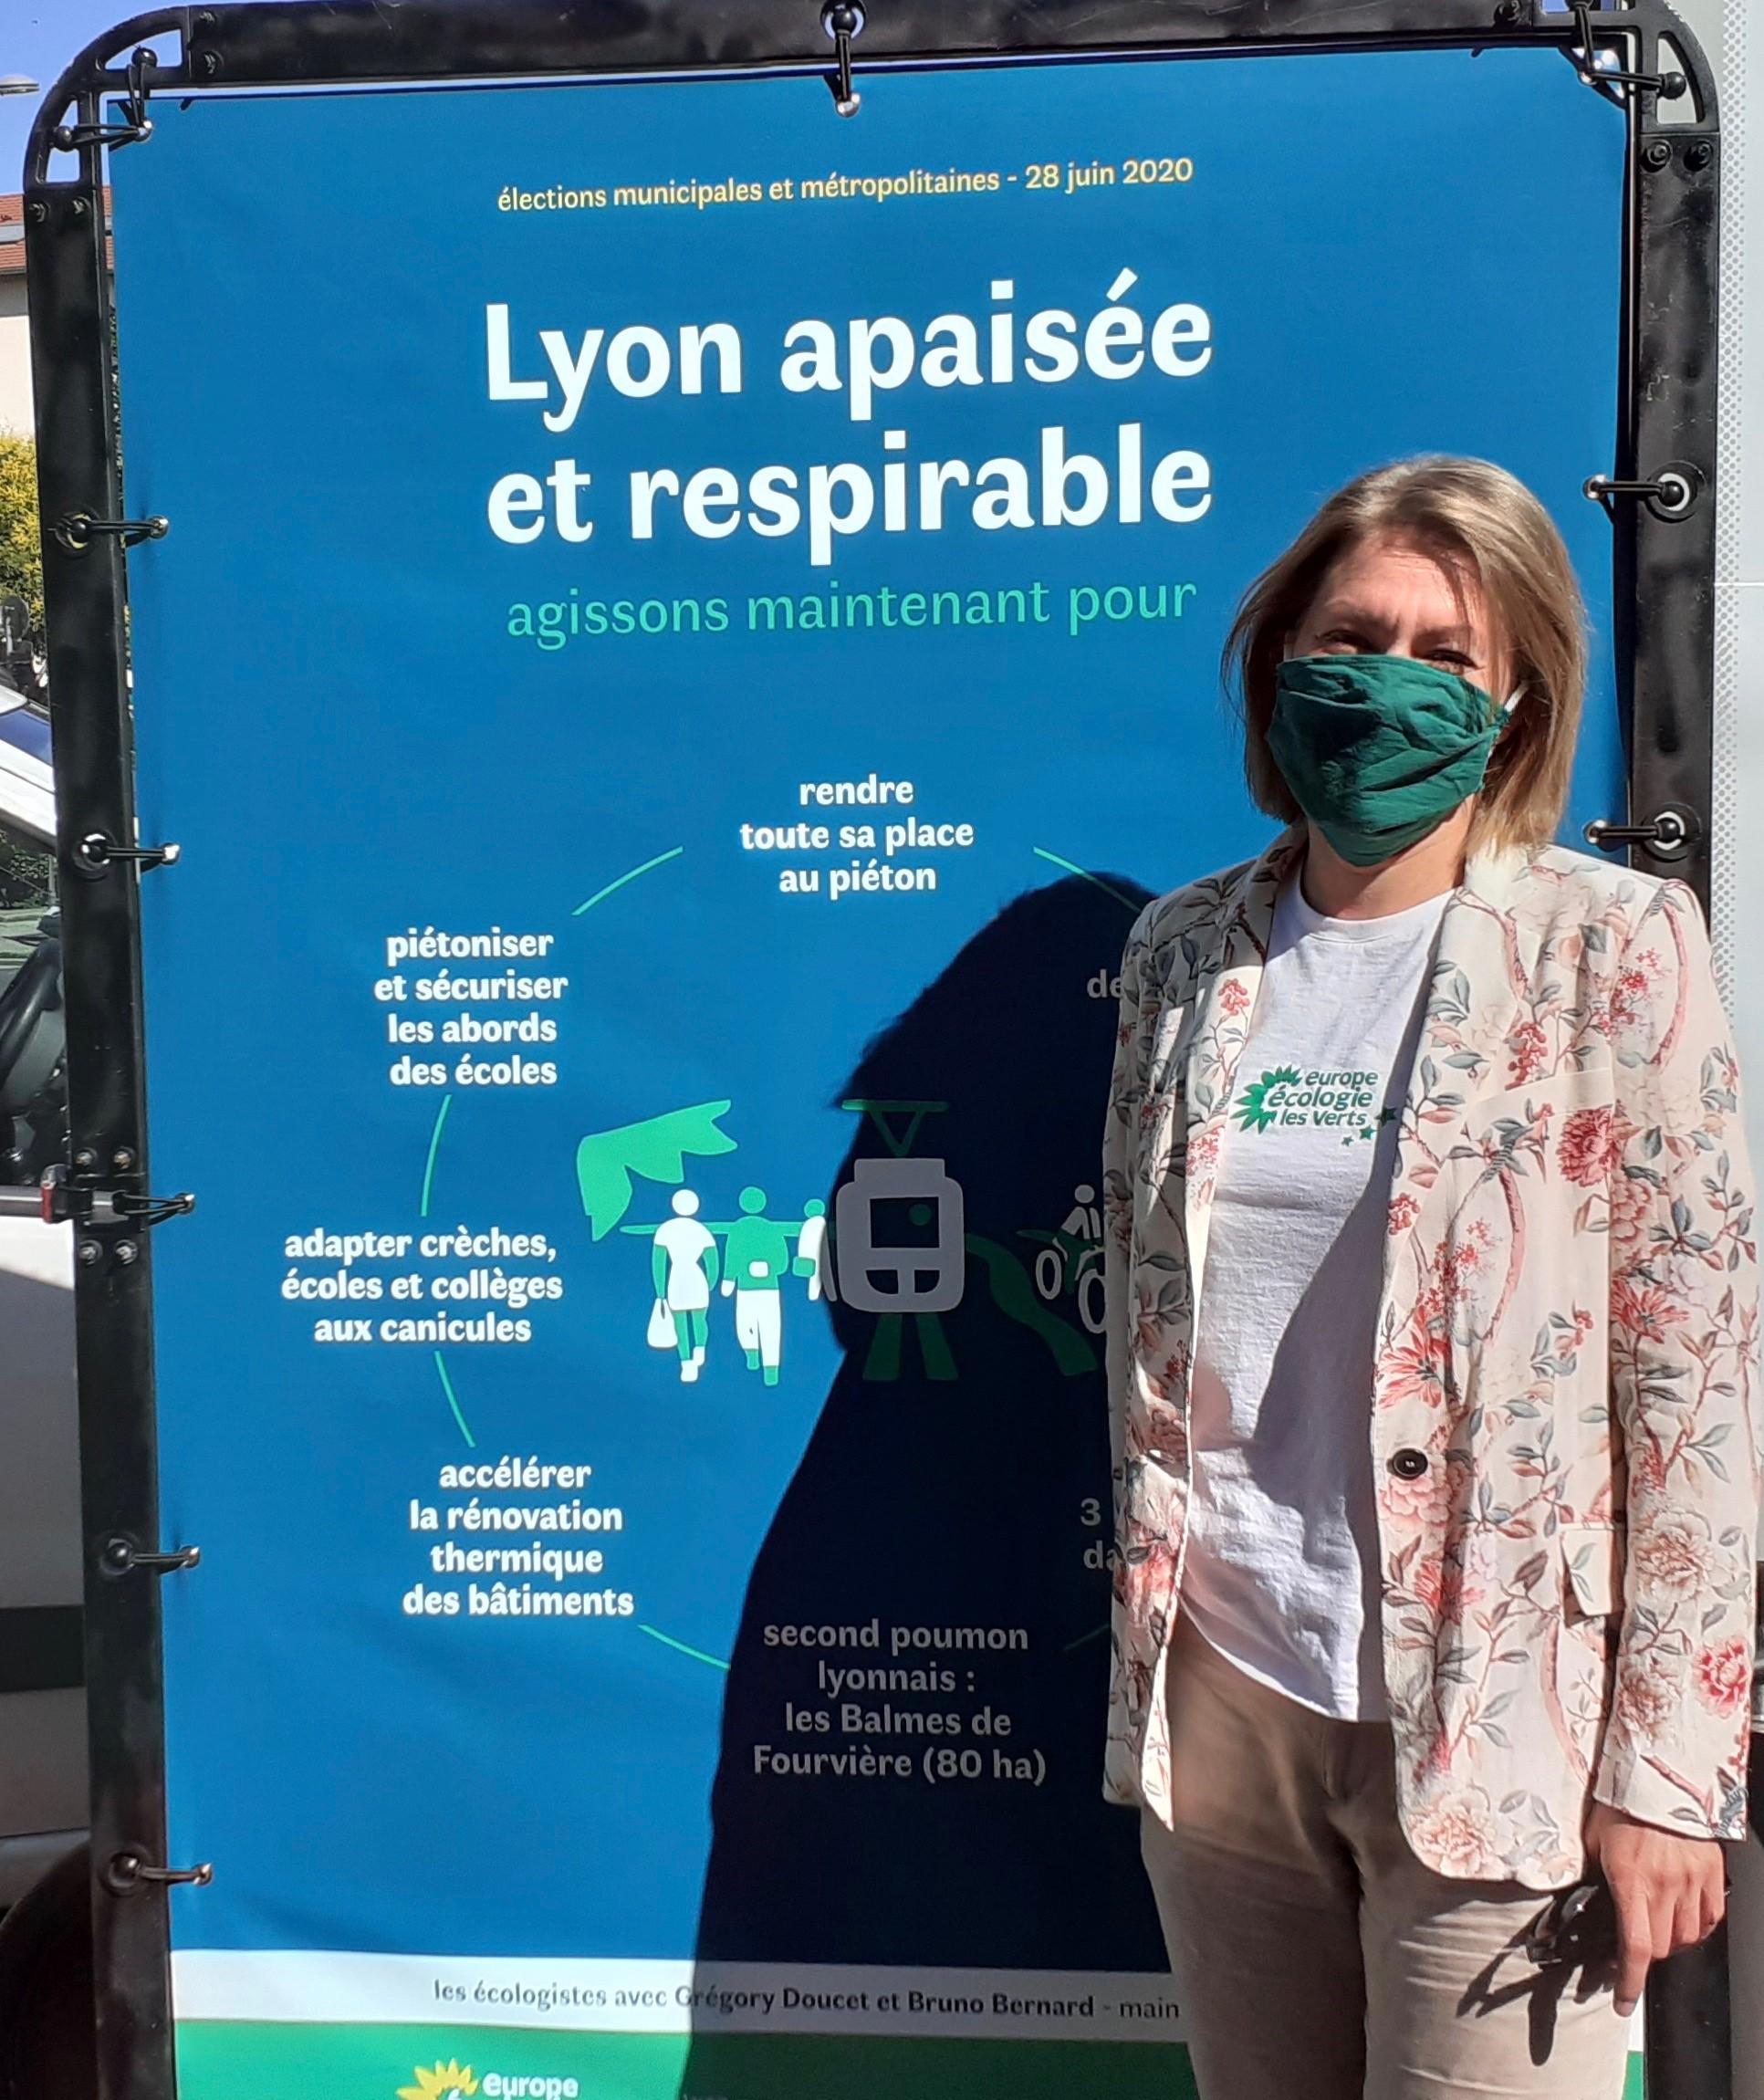 [Interview] Municipales 2020 : Nadine Georgel « Notre programme n'est pas qu'idéologique c'est une réponse face à la crise »